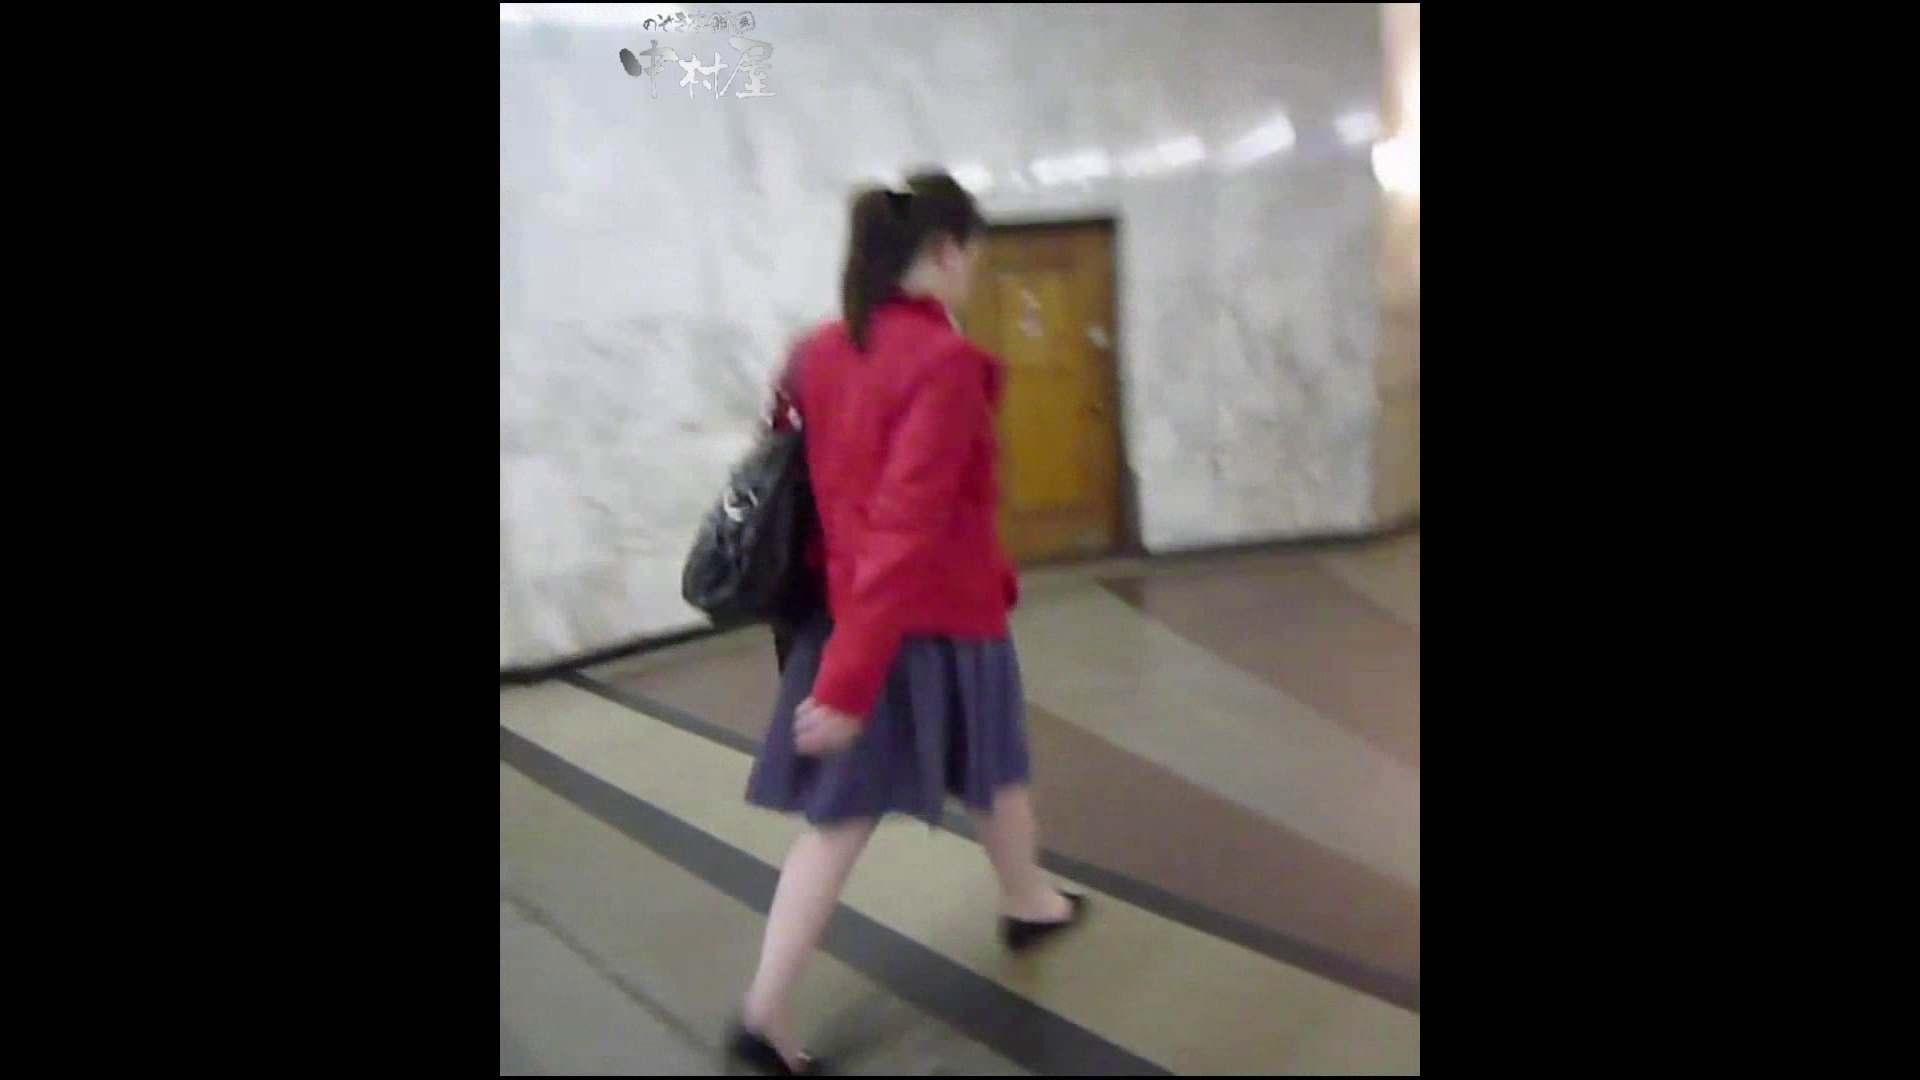 綺麗なモデルさんのスカート捲っちゃおう‼ vol27 お姉さんヌード | OLセックス  97画像 11